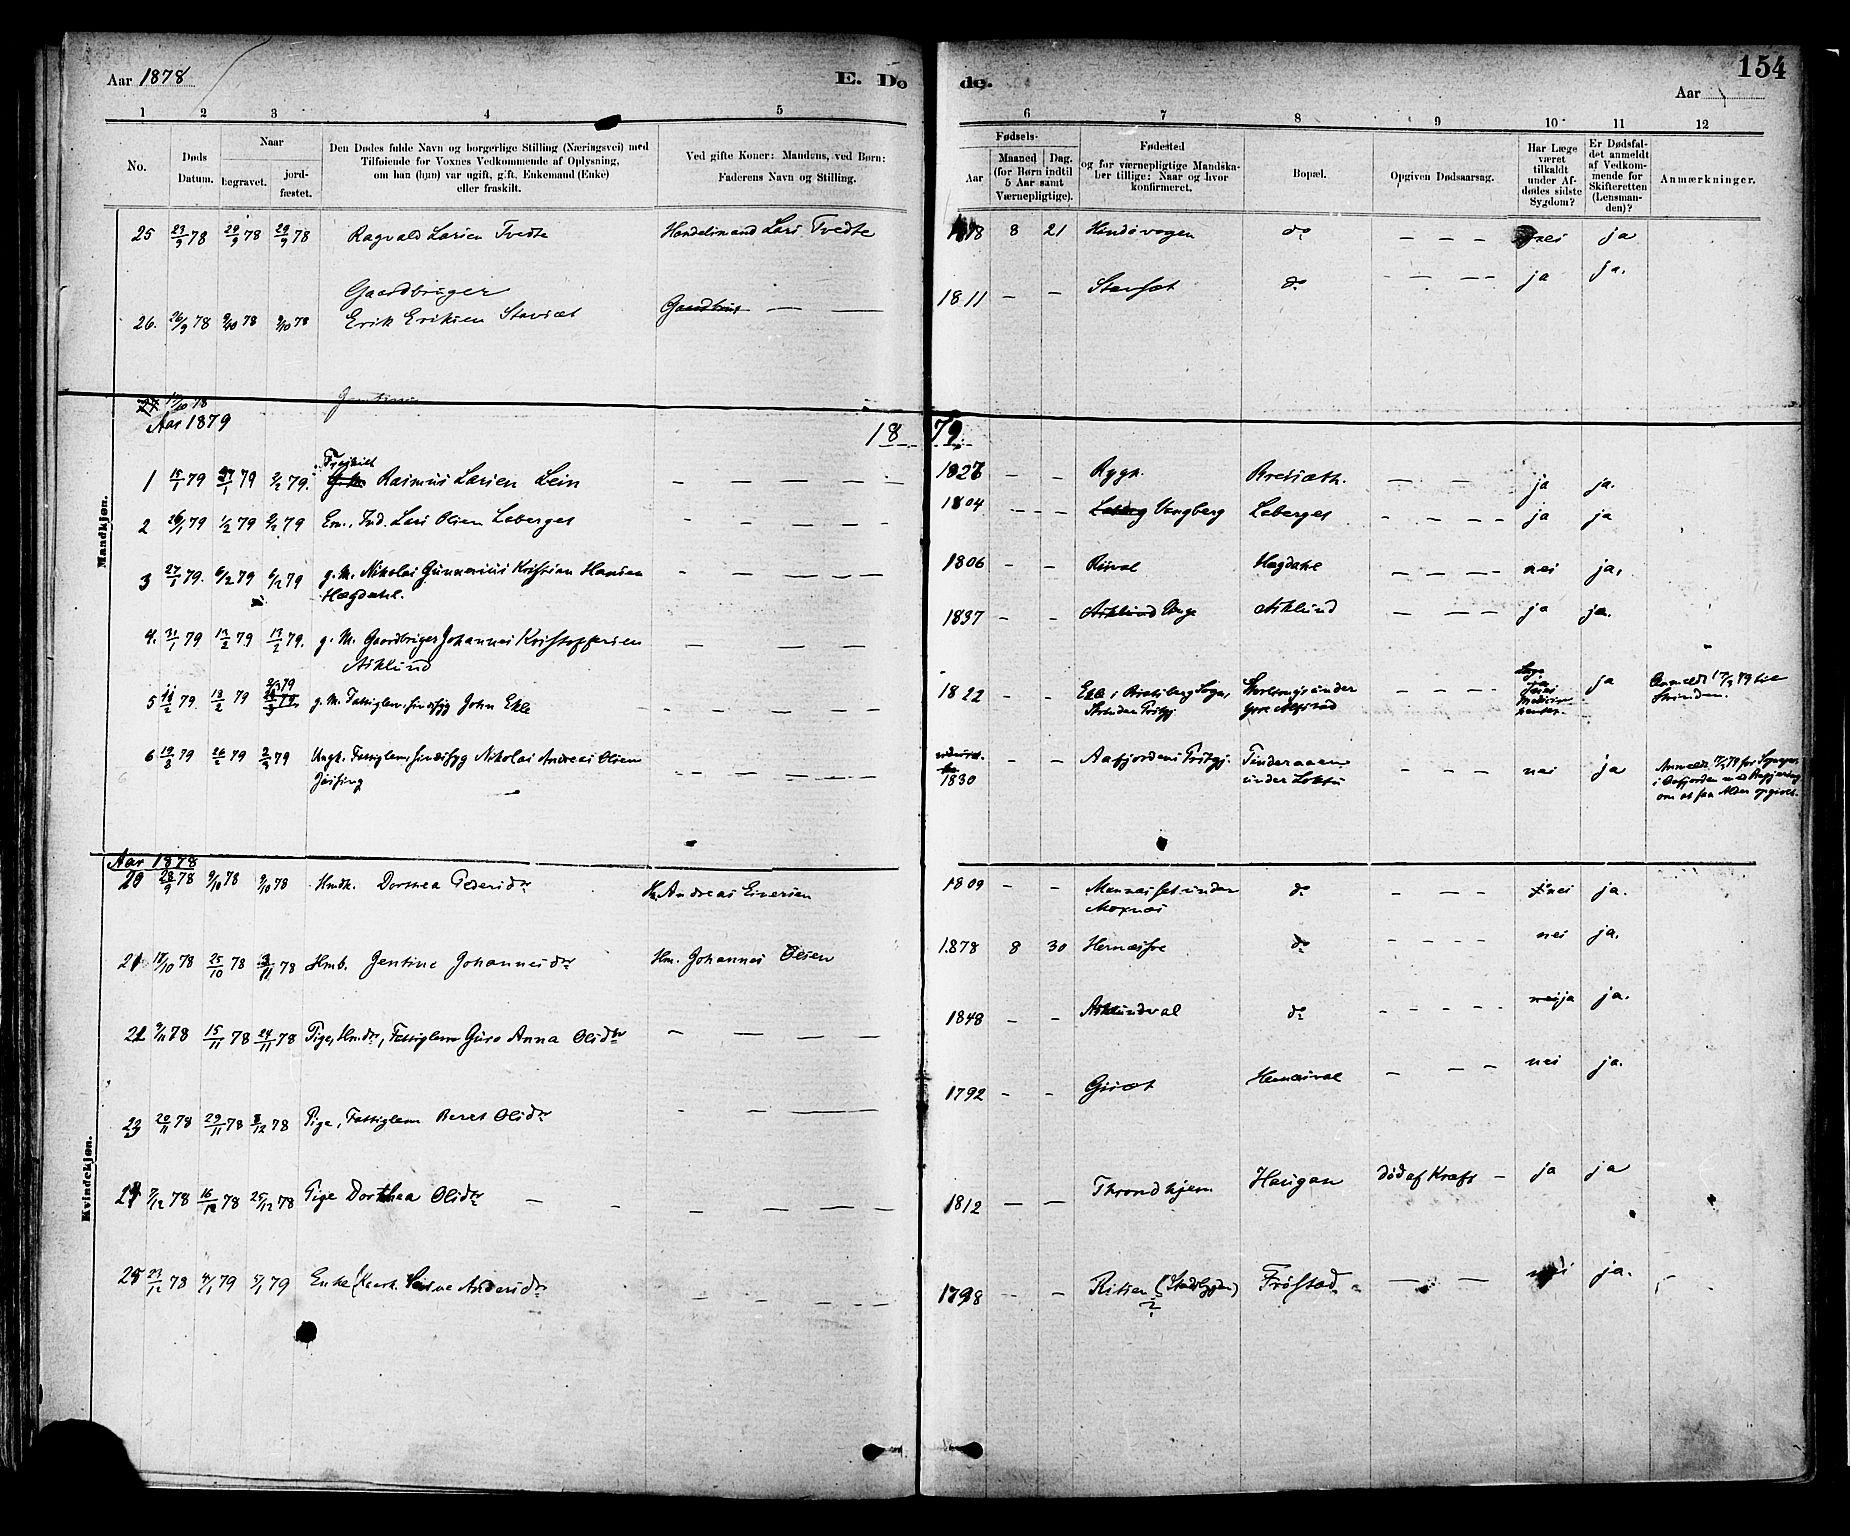 SAT, Ministerialprotokoller, klokkerbøker og fødselsregistre - Nord-Trøndelag, 713/L0120: Ministerialbok nr. 713A09, 1878-1887, s. 154